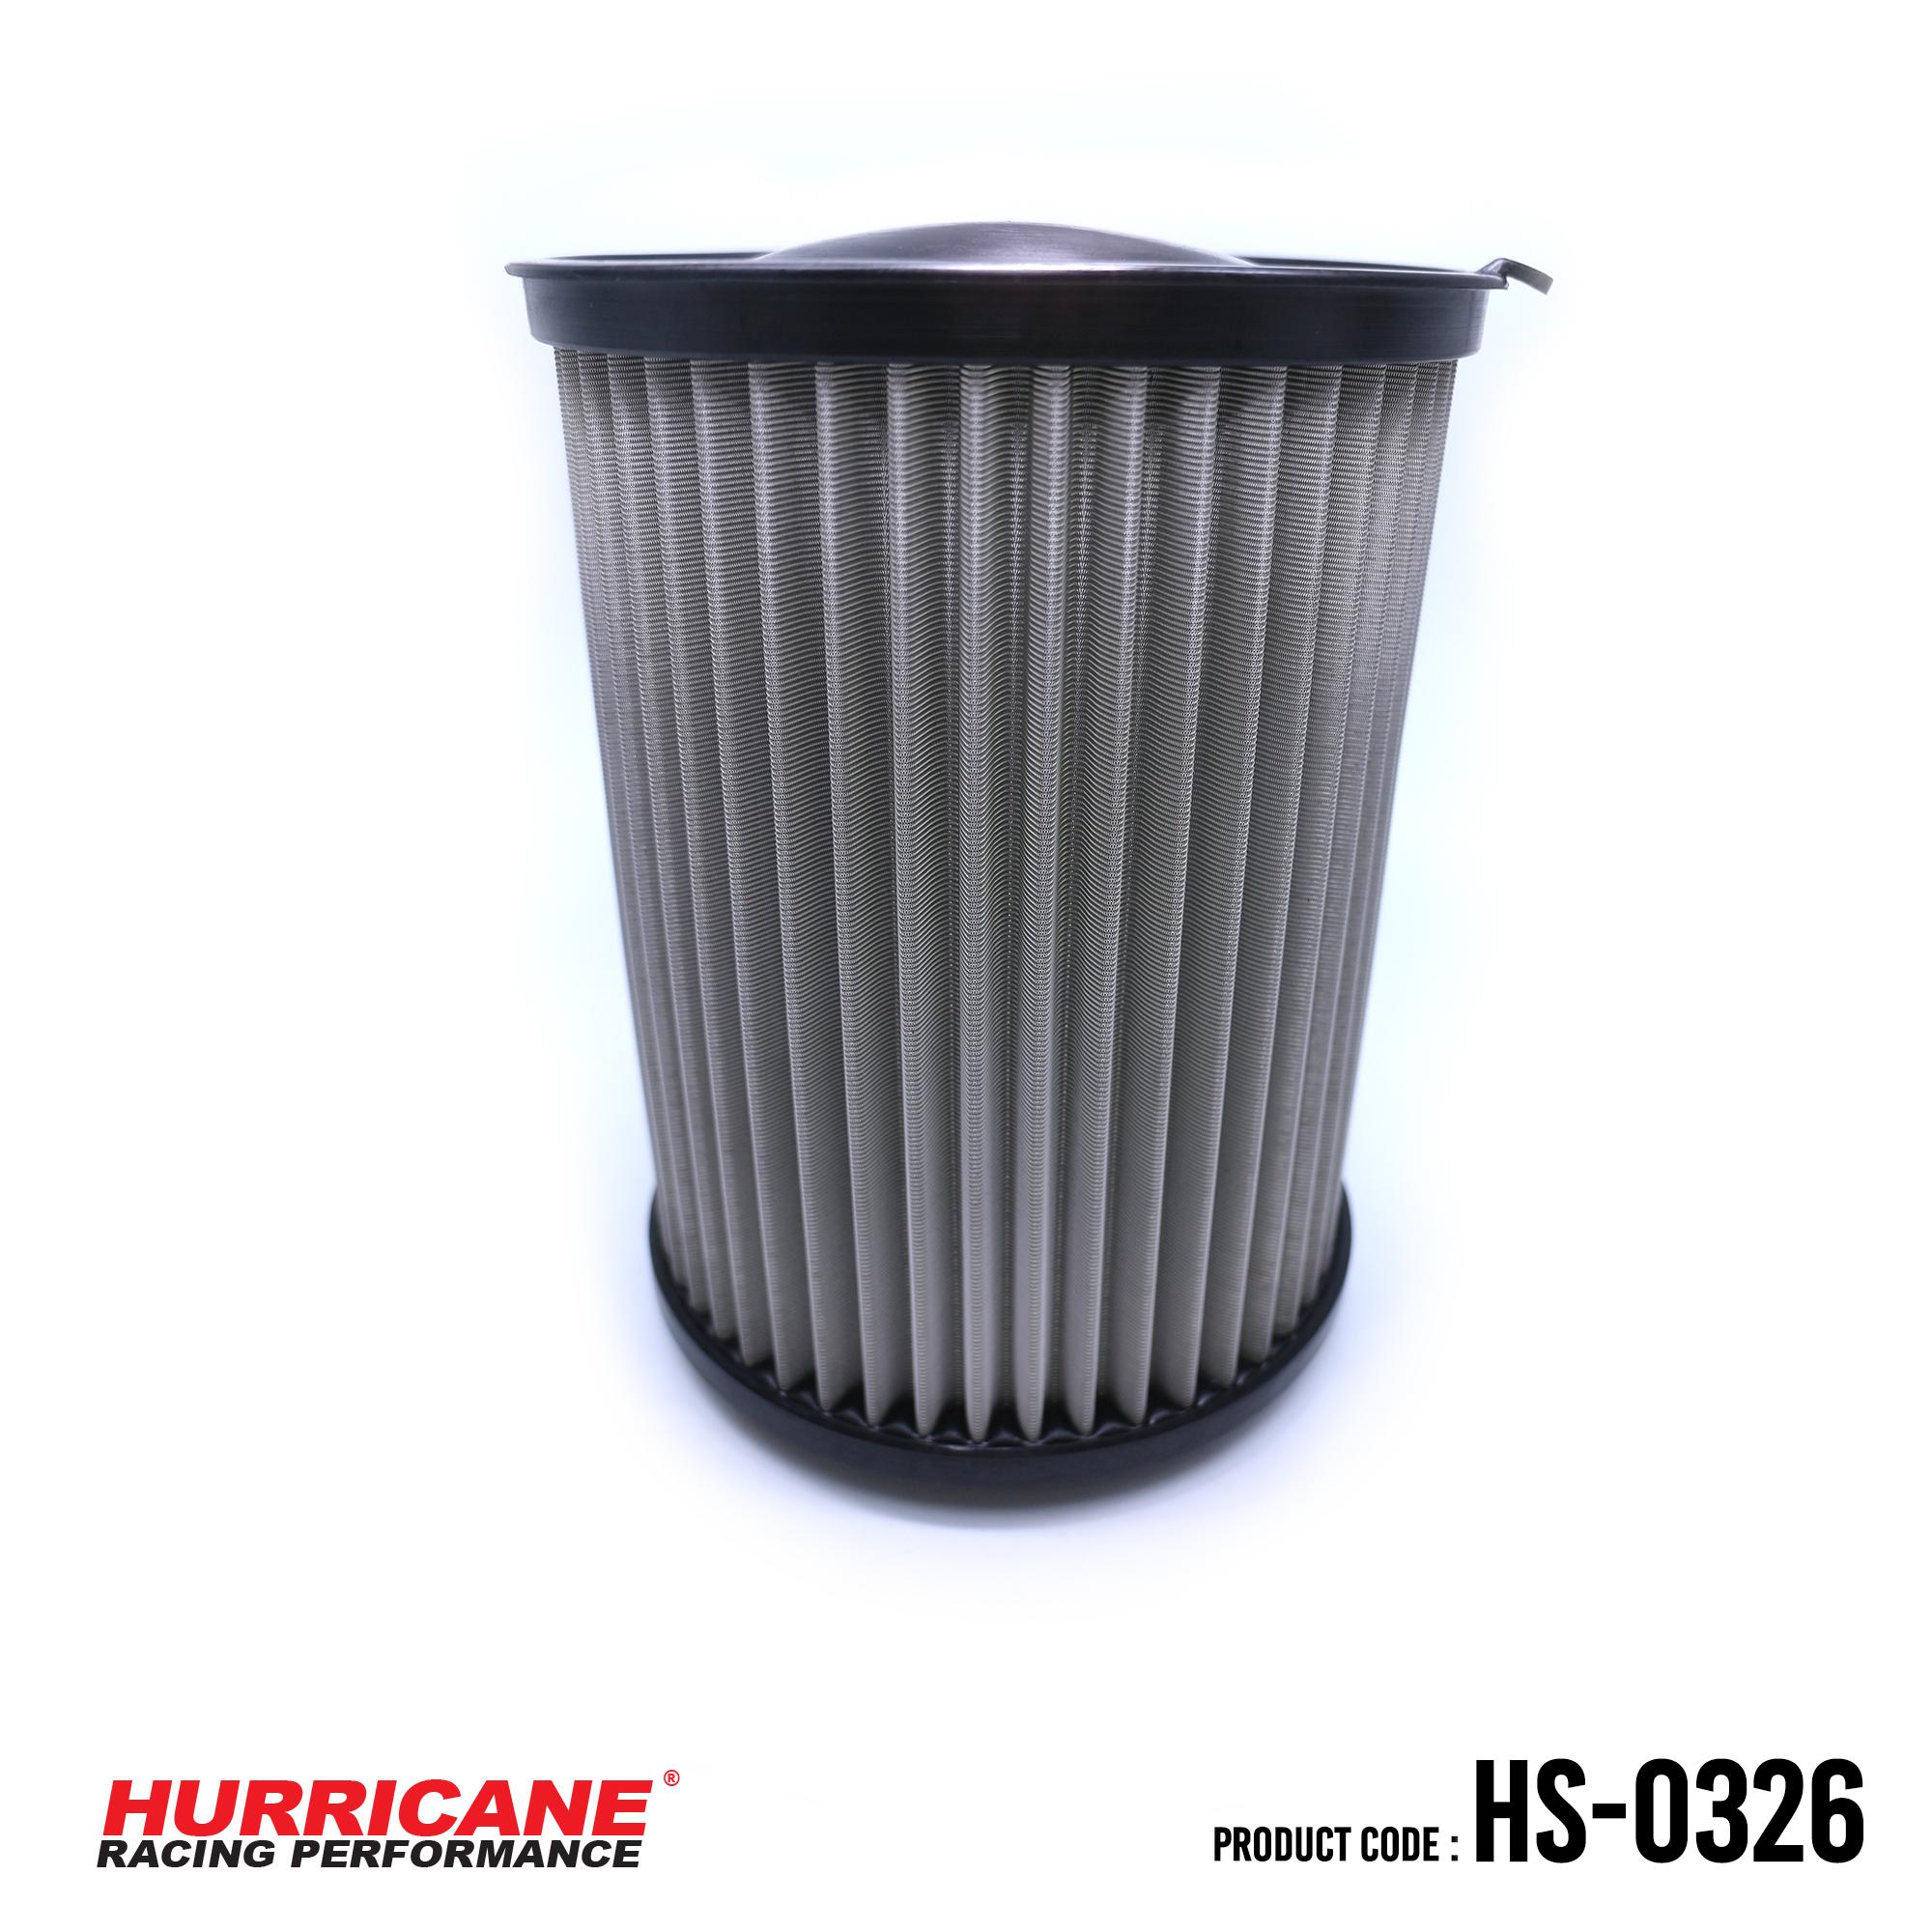 HURRICANE STAINLESS STEEL AIR FILTER FOR HS-0326 FordLincoinVolvo